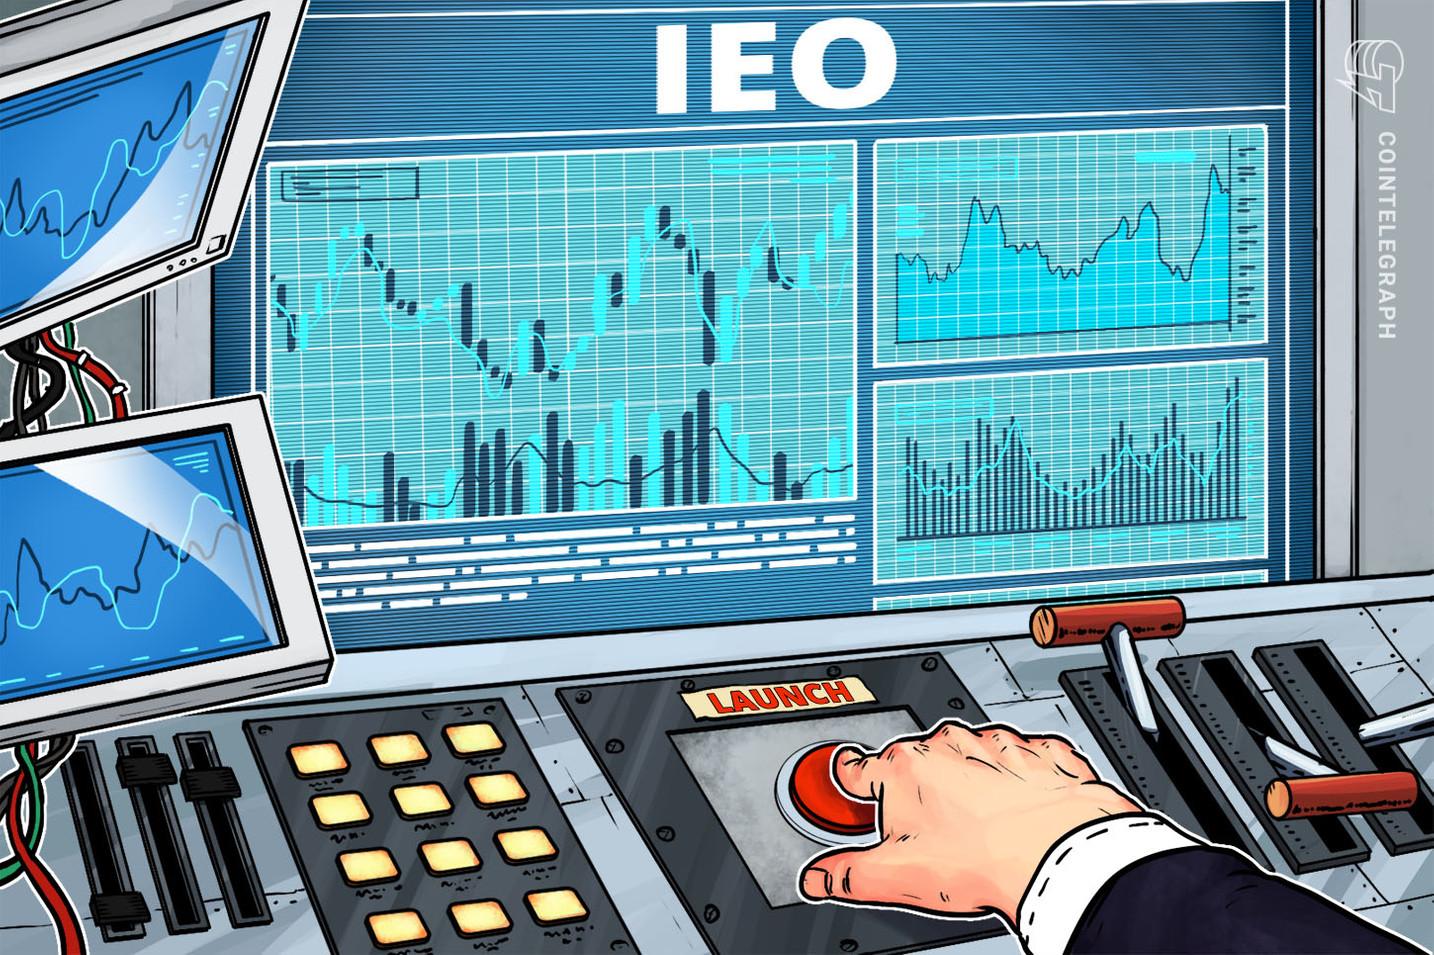 Gli exchange di criptovalute Bitfinex ed Ethfinex lanciano una piattaforma per le Initial Exchange Offering